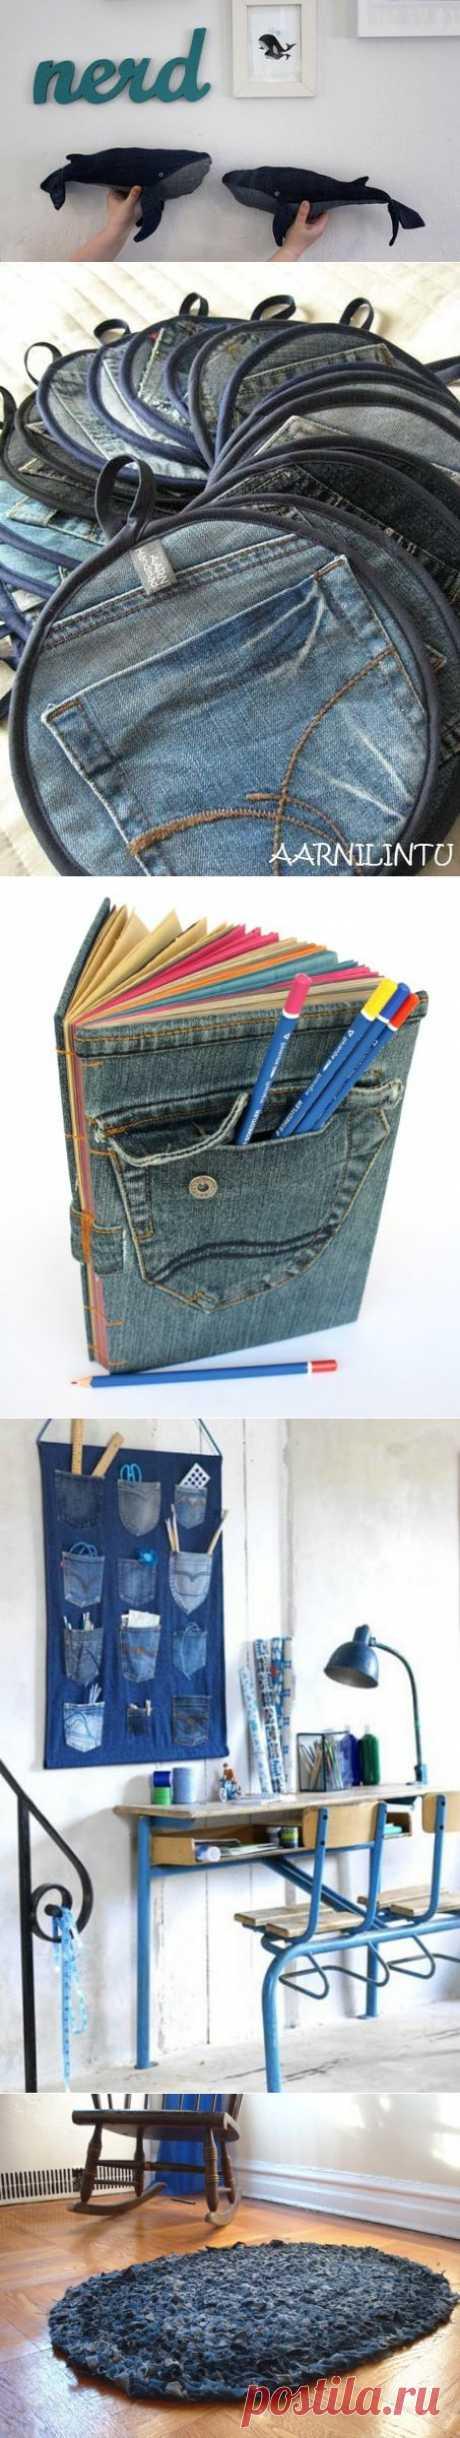 Что можно сделать со старыми джинсами: 20 полезных идей | Полезные советы